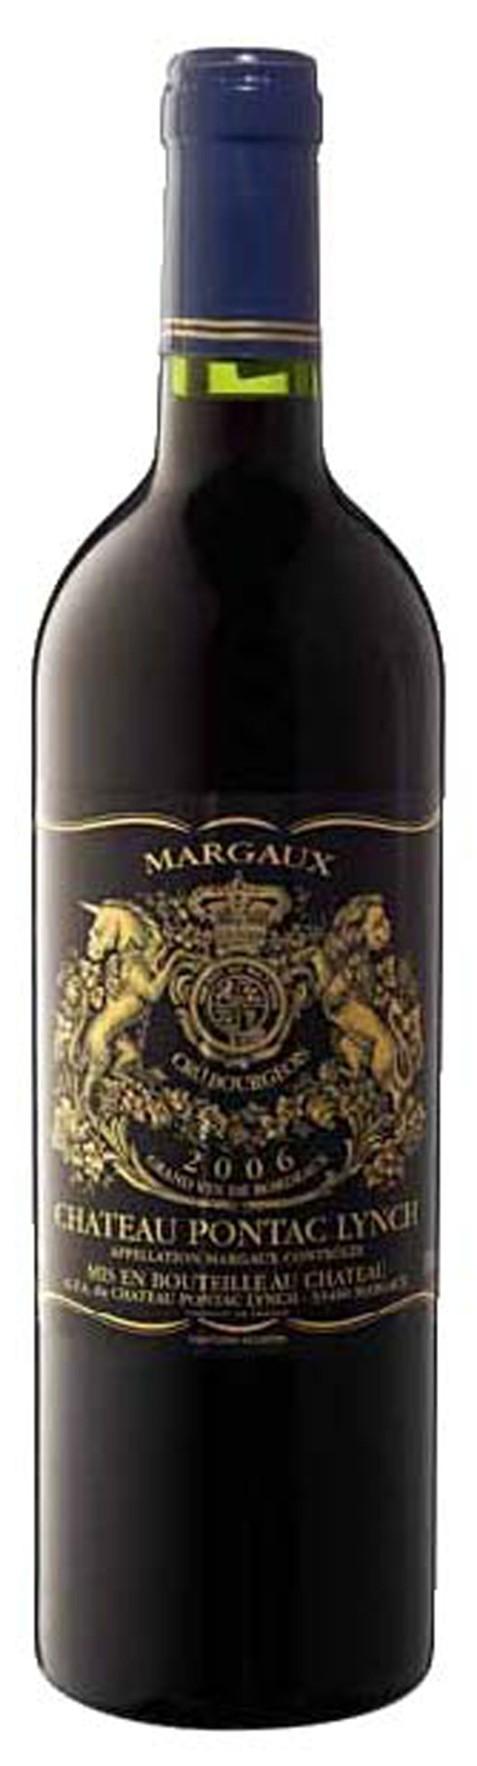 Margaux - Pontac Lynch 2015 cru bourgeois